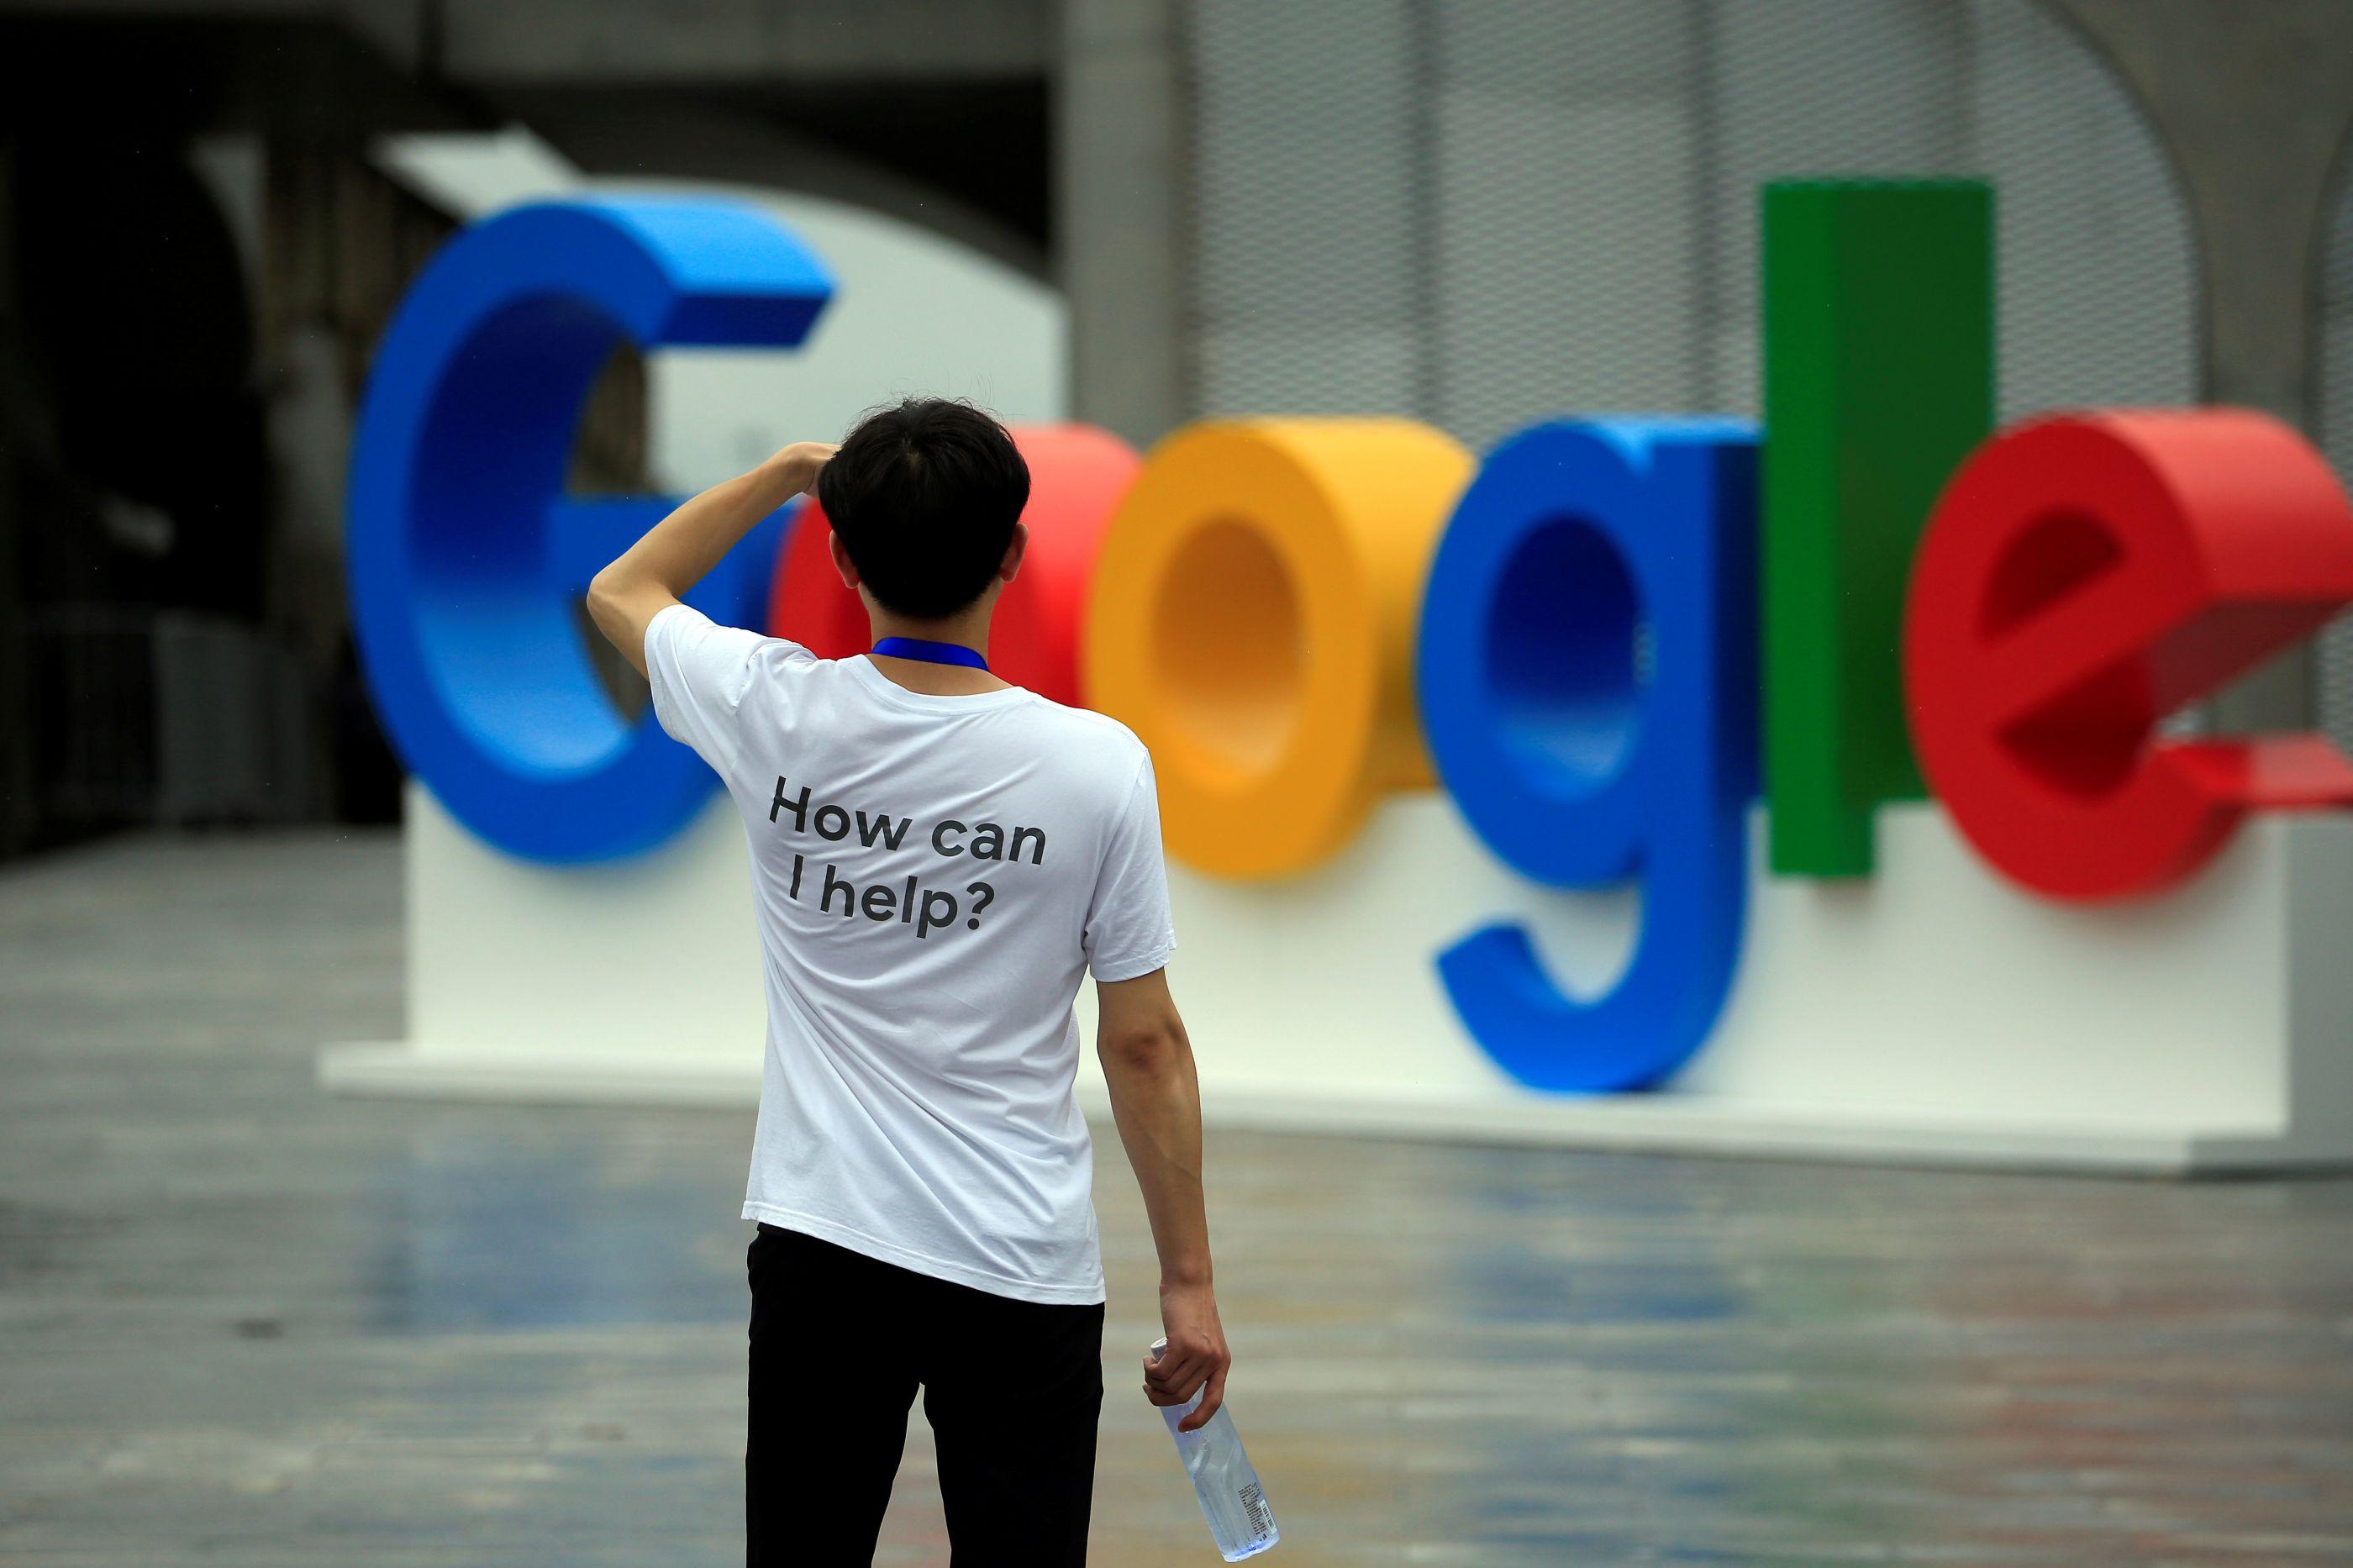 Google elimina mais de 3 mil milhões de links para páginas na Internet